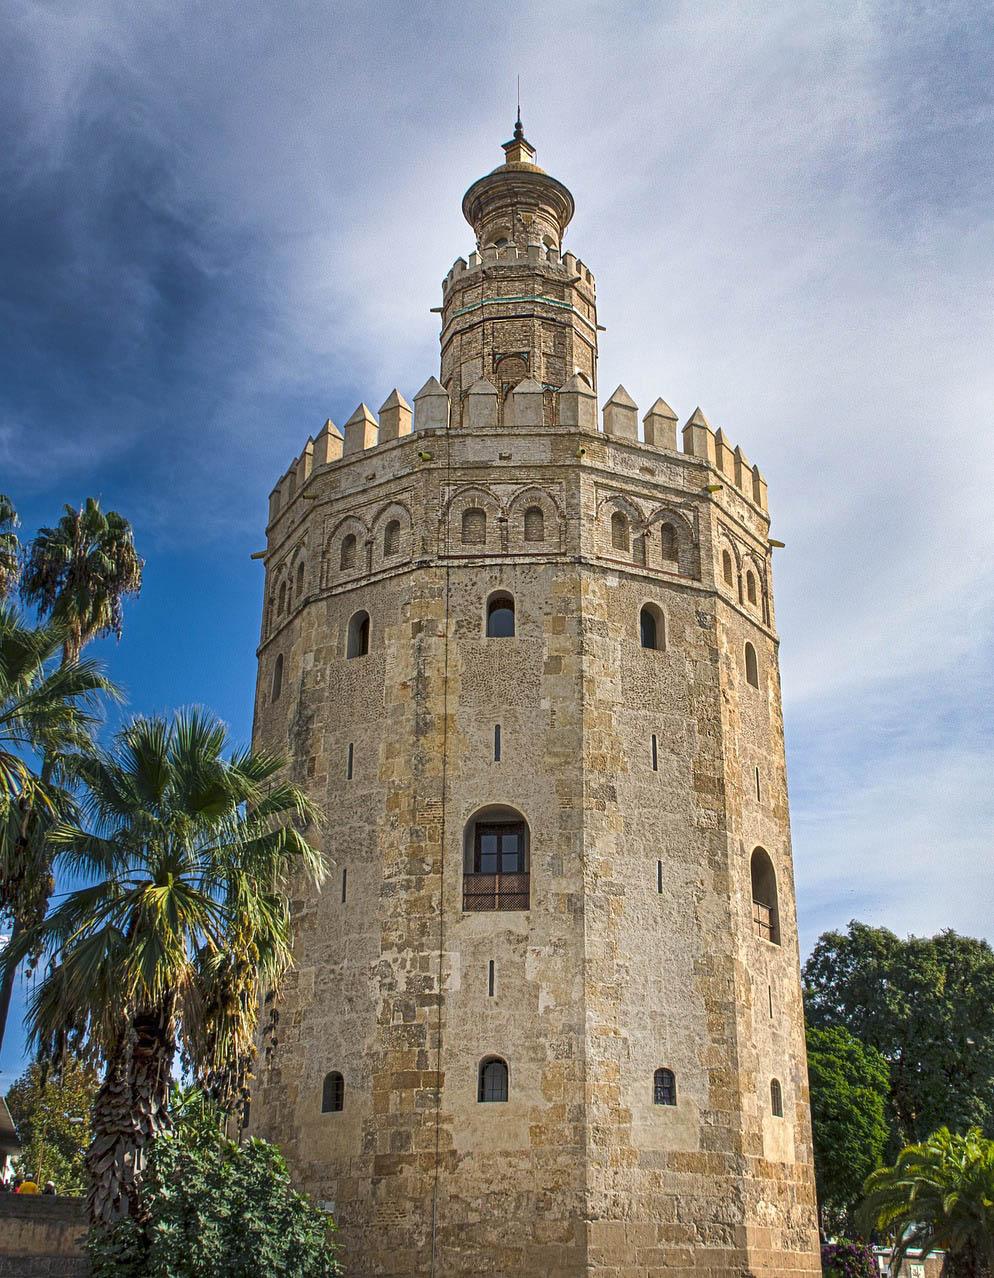 Torre del Oro. Hacia 1220-1221. Sevilla.